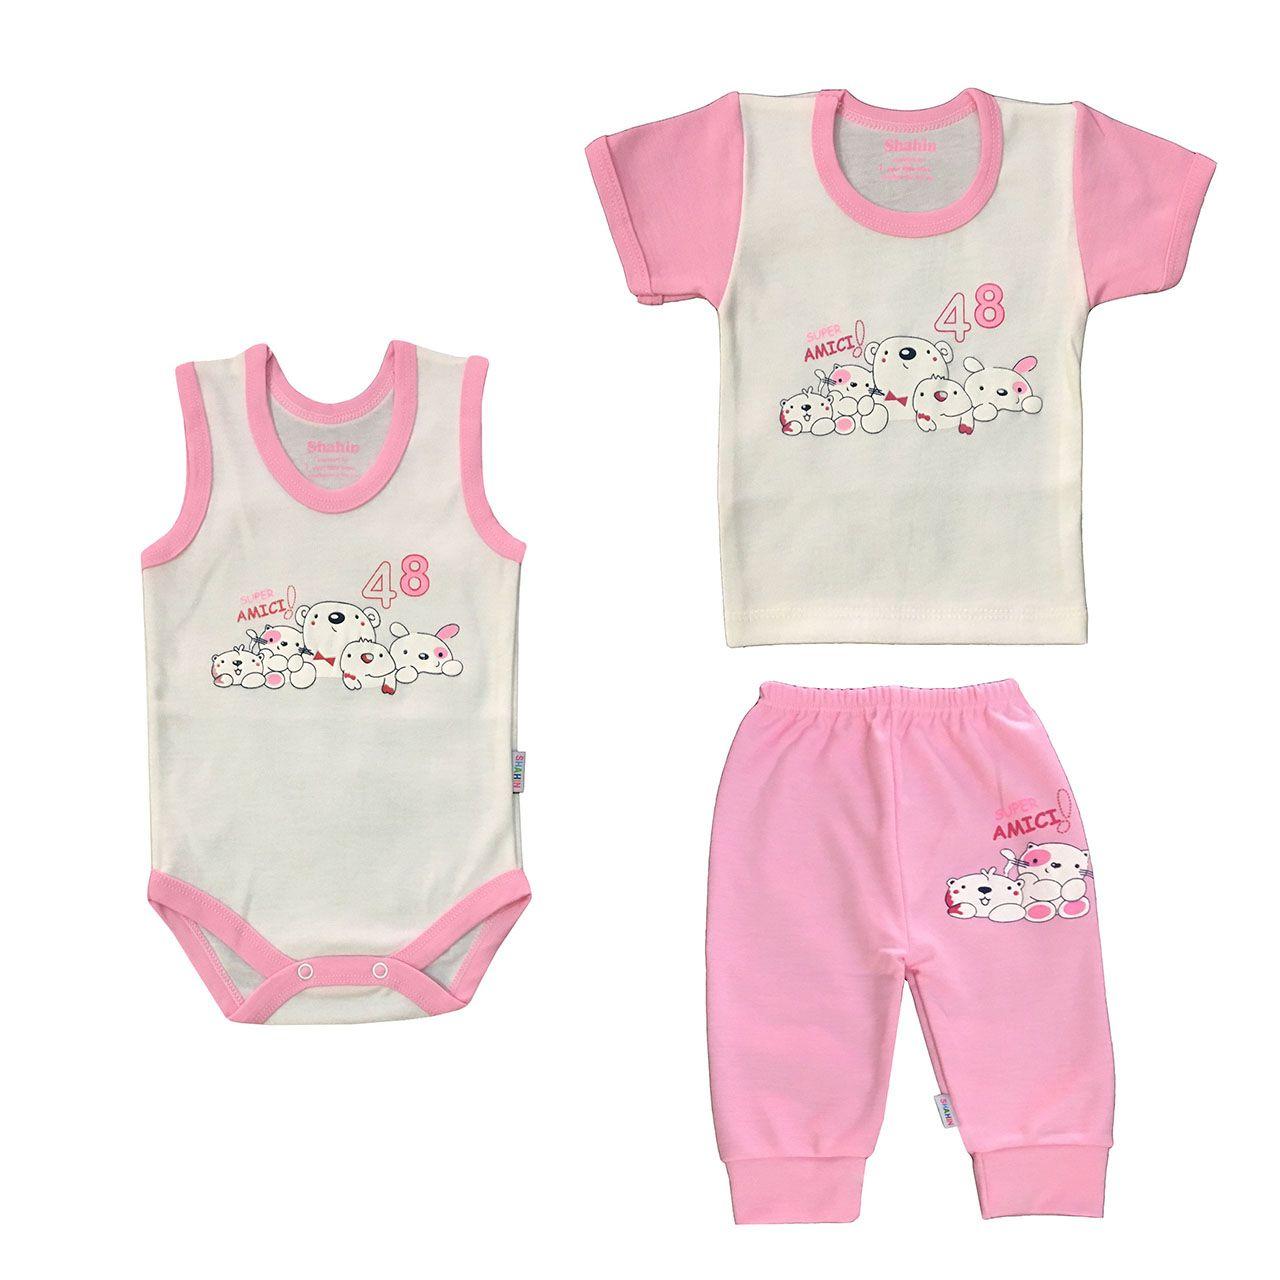 ست 3 تکه لباس نوزادی دخترانه شاهین طرح امیکی کد S -  - 2